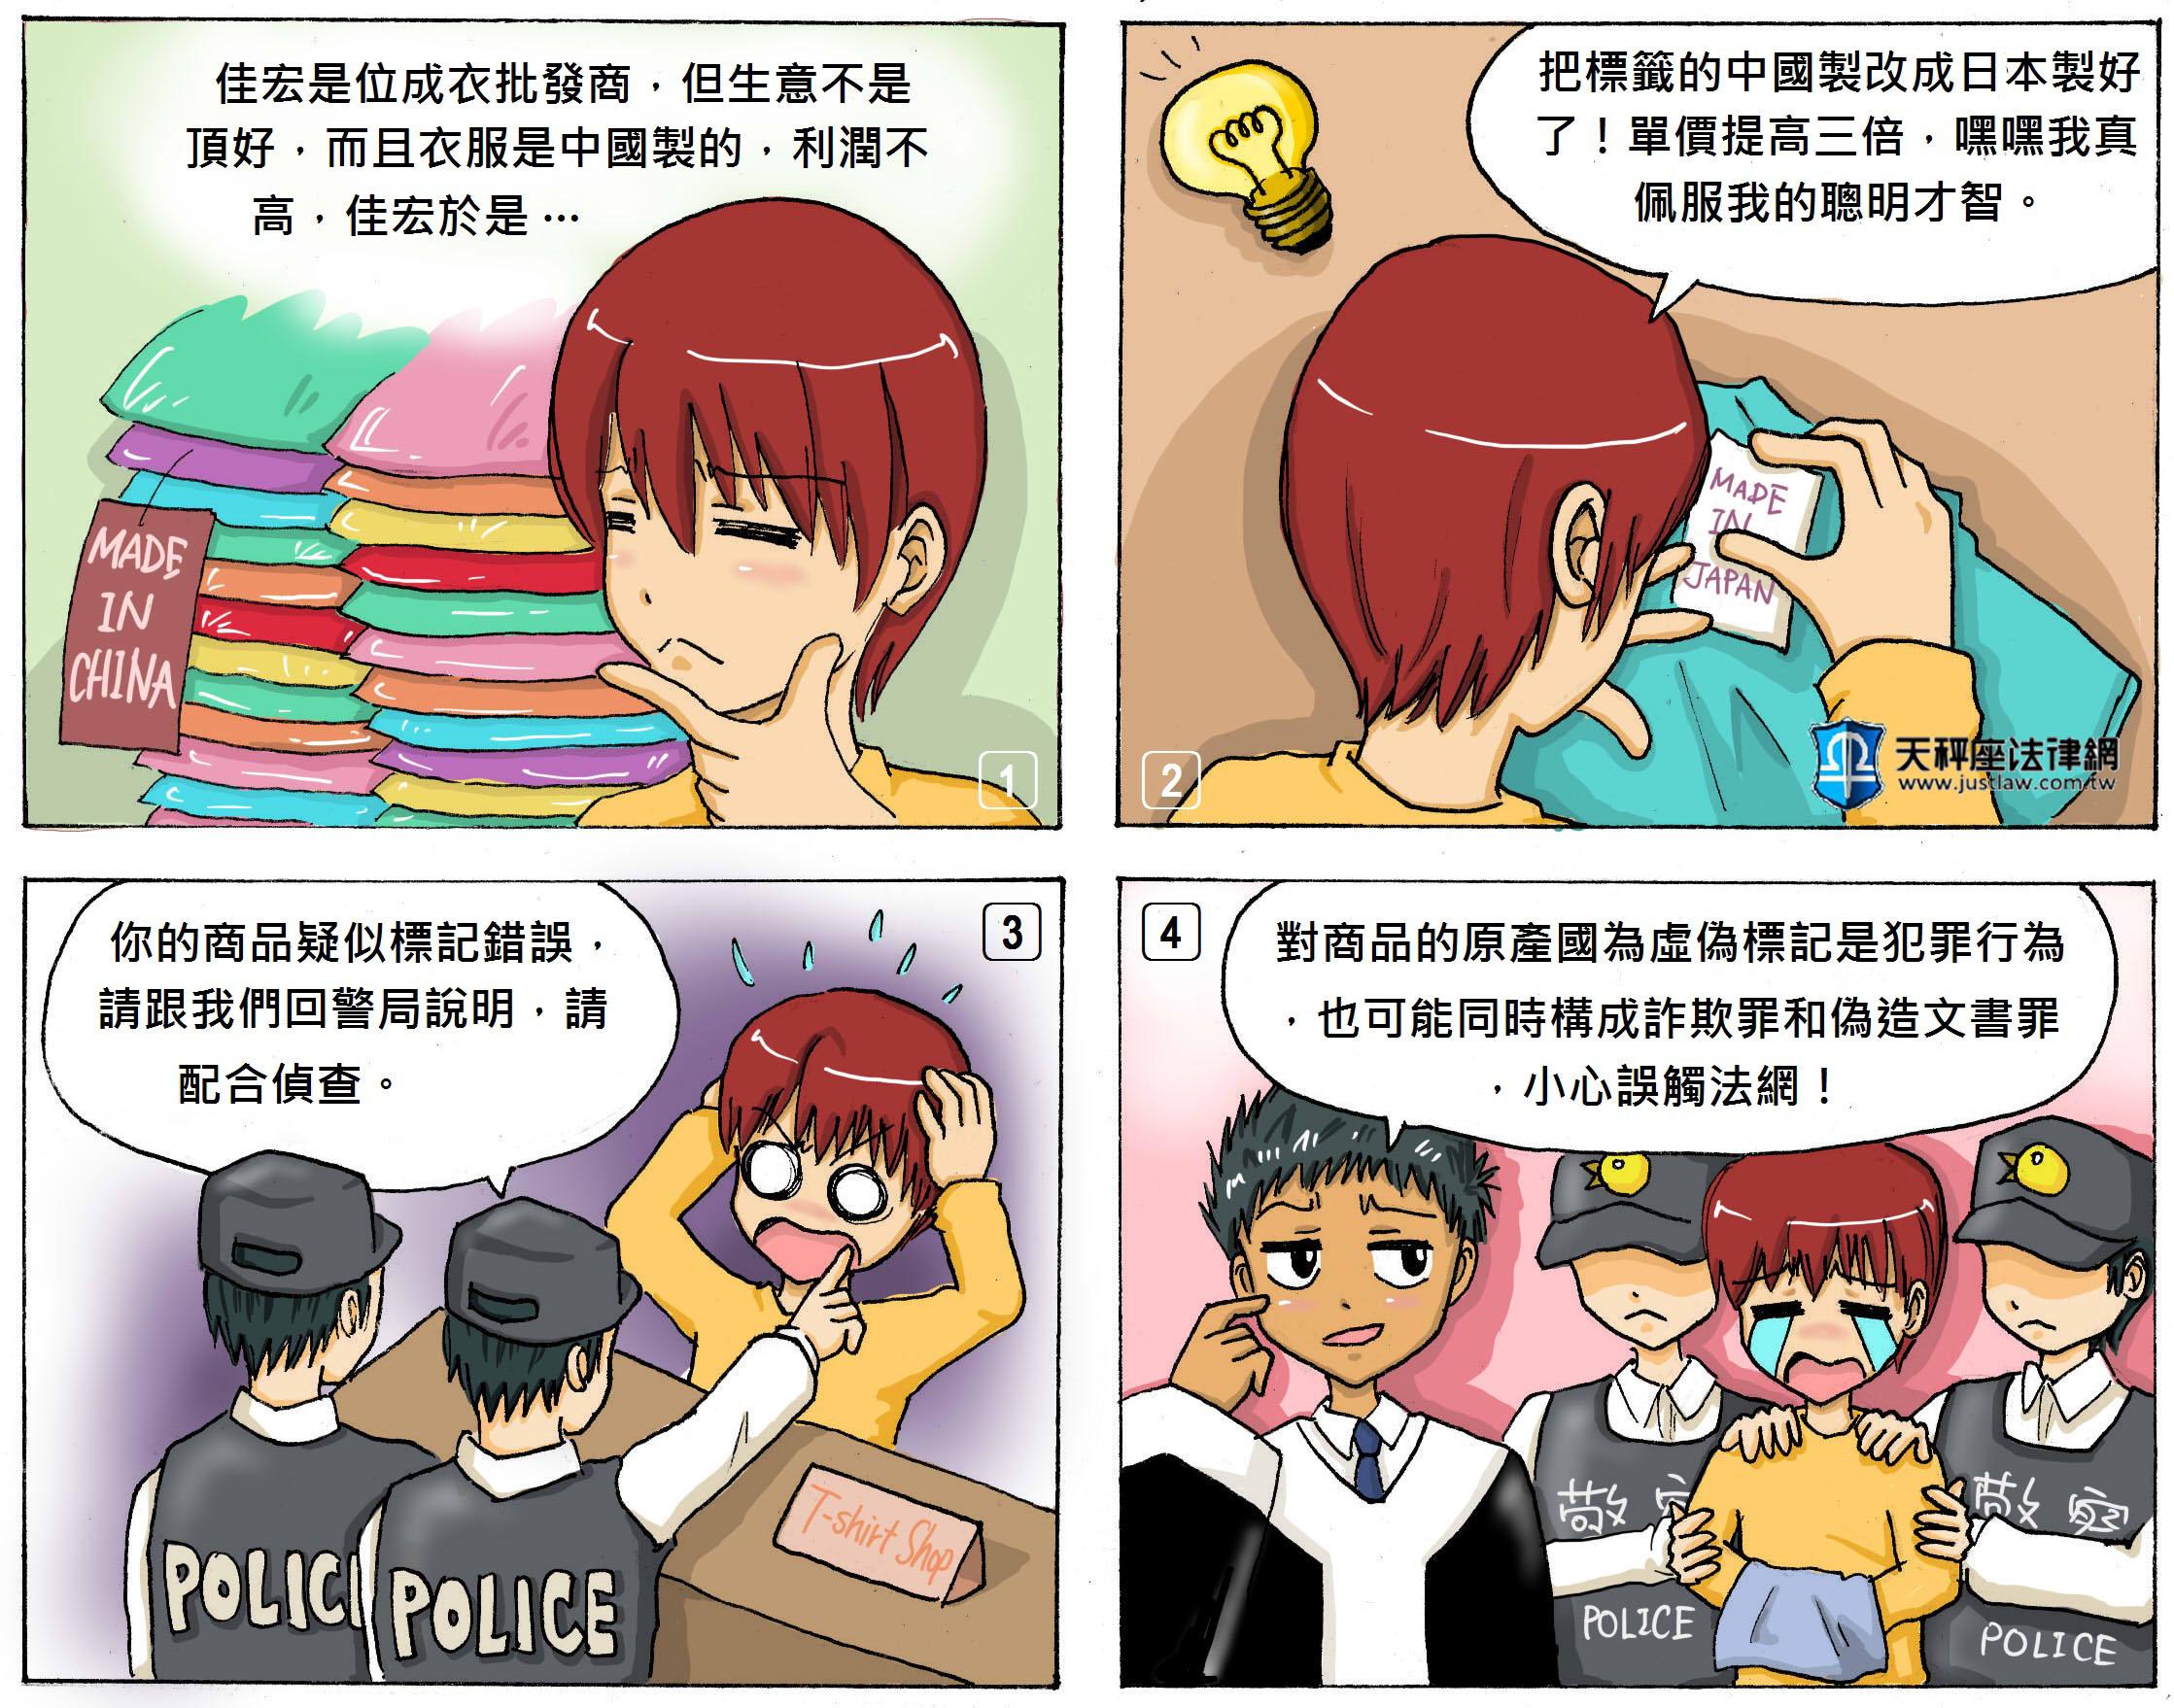 詐欺罪とは|刑事事件弁護士ナビ - keiji-pro.com